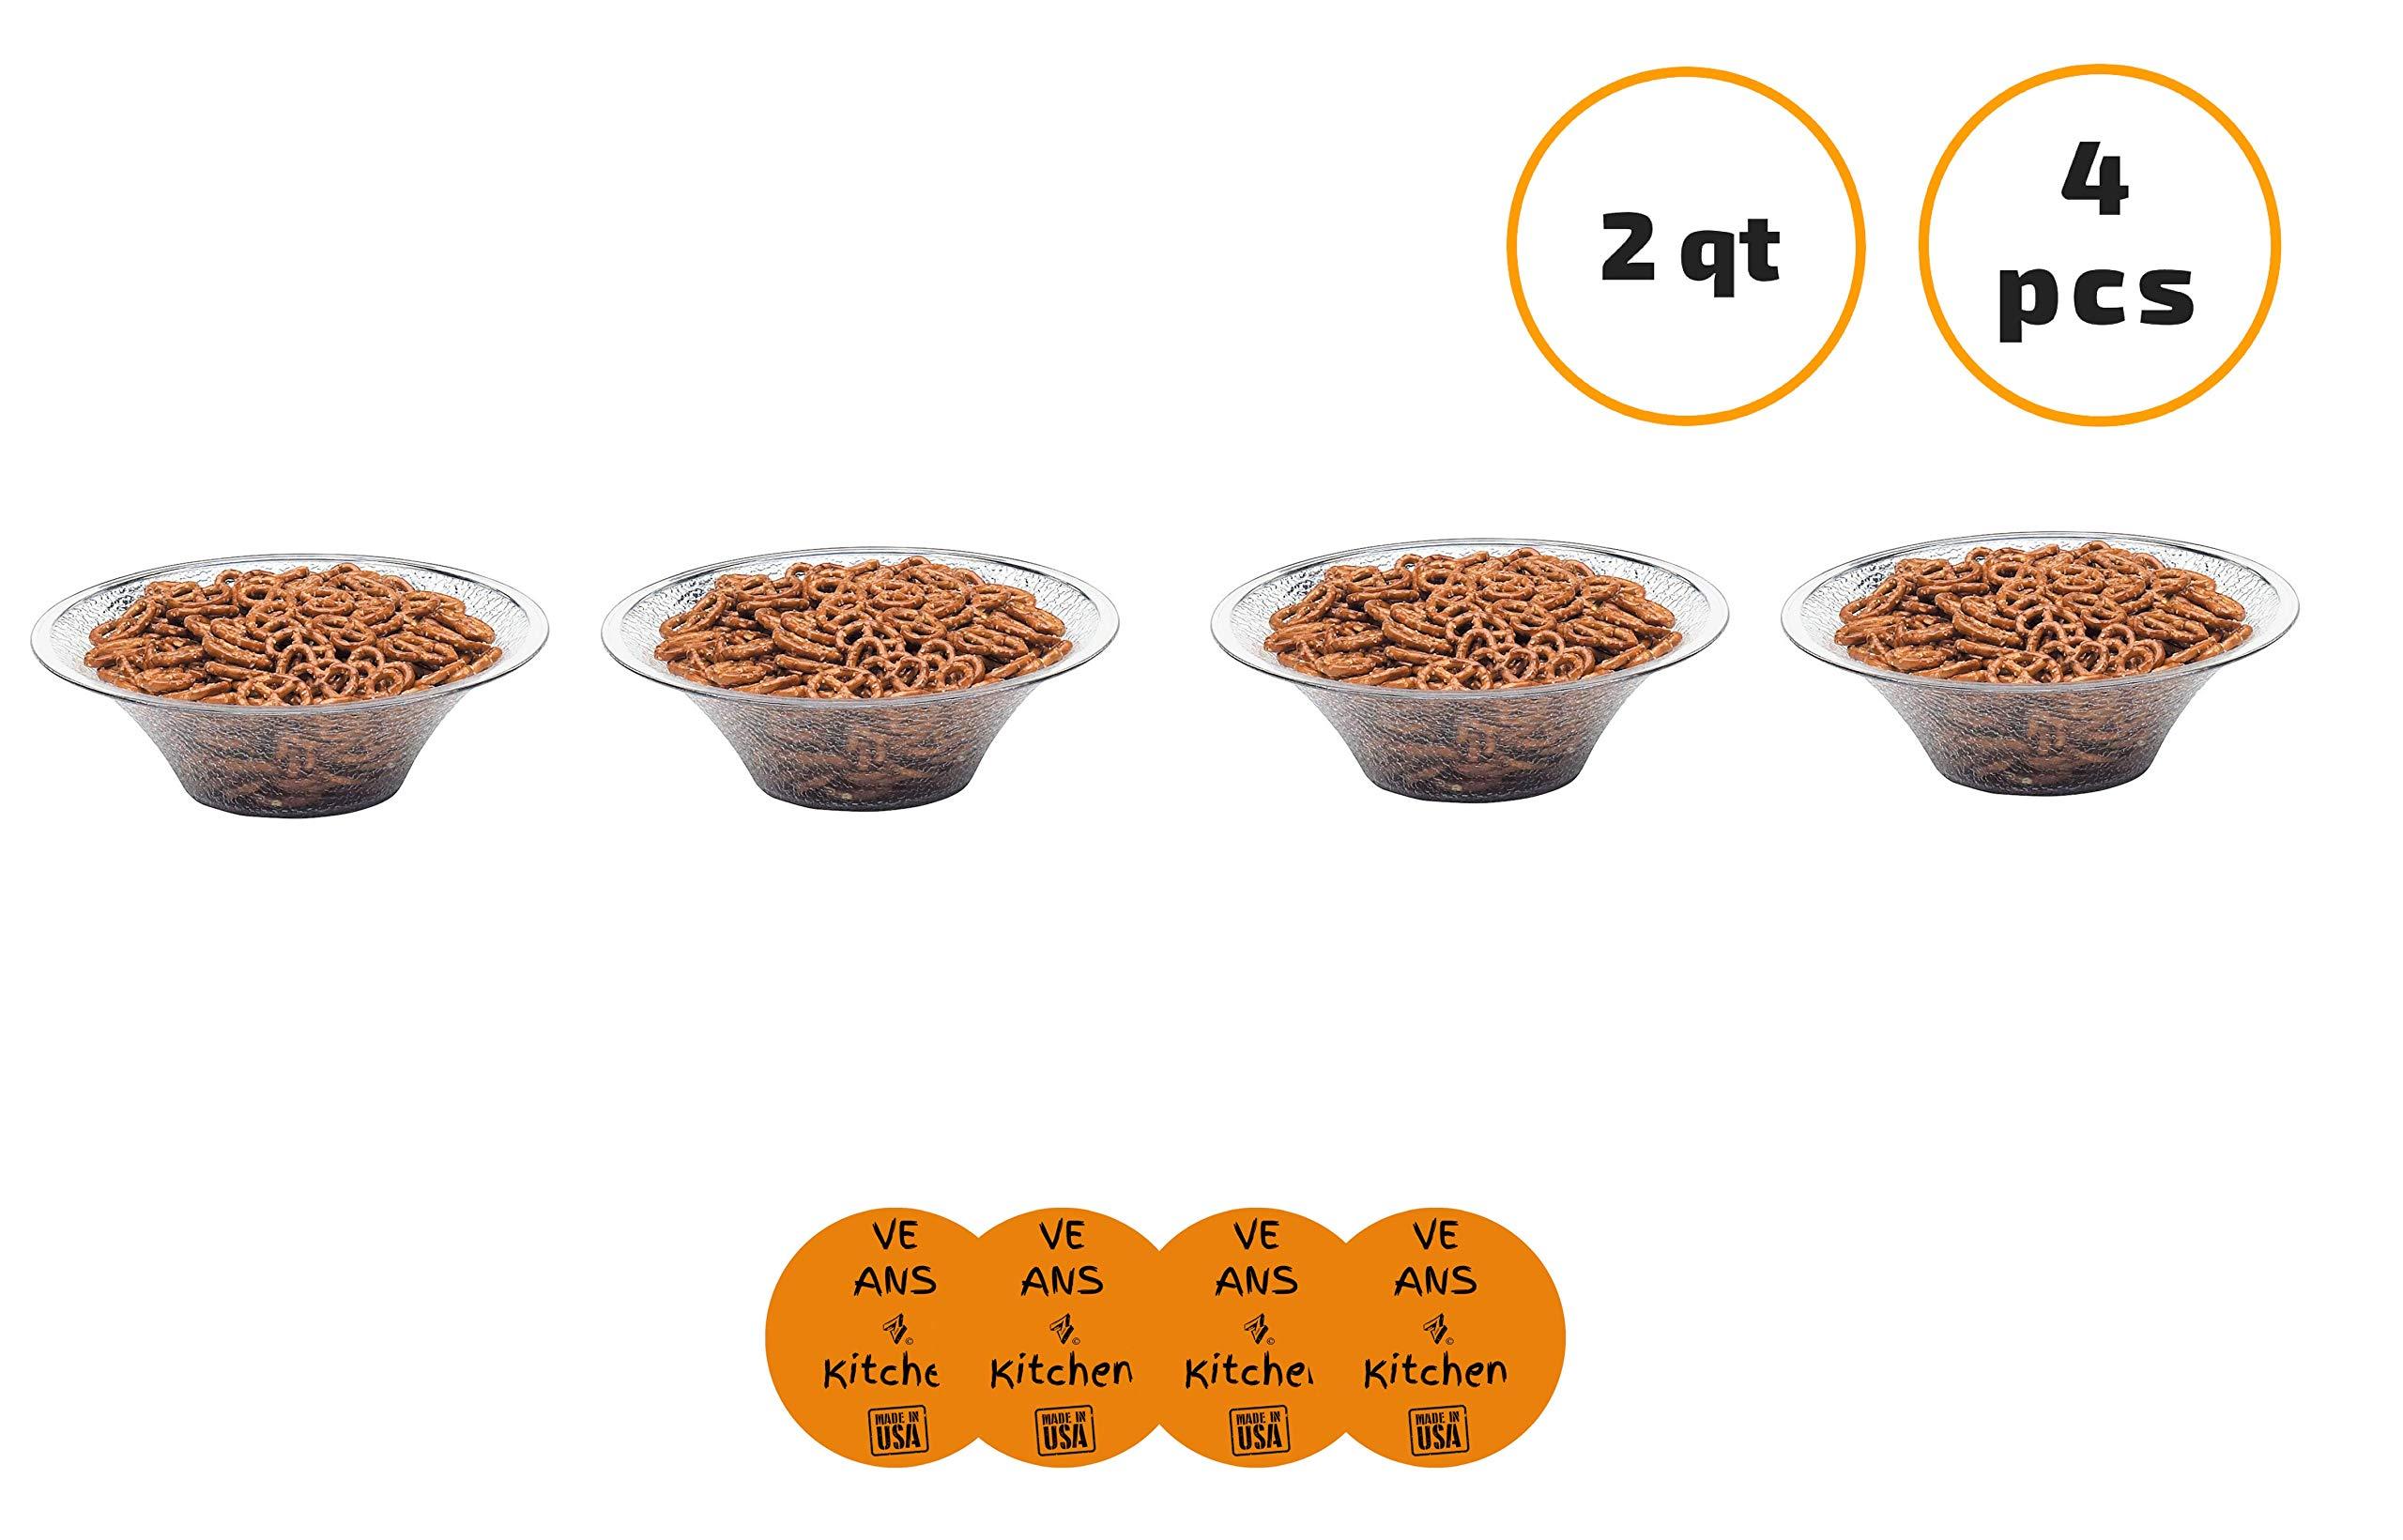 Cambro BSB10176 2 Qt. Pebbled Bell-Shaped Serving/Salad Bowl (4 pcs) - w/coasters